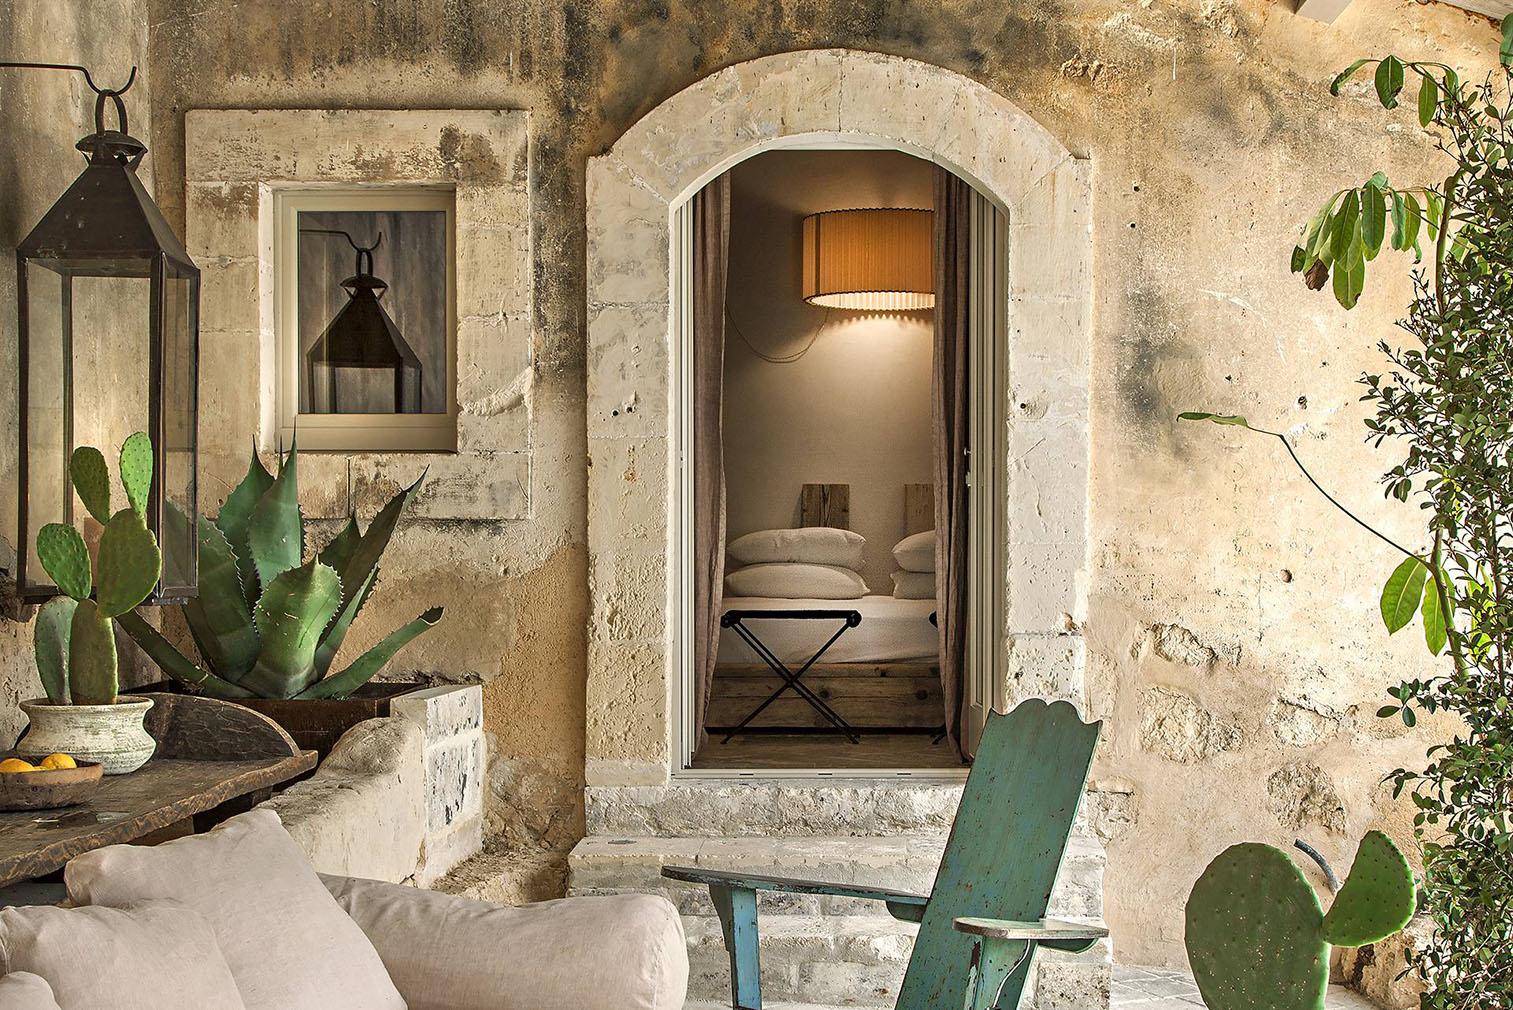 המלצה על מקומות נופש: סיציליה